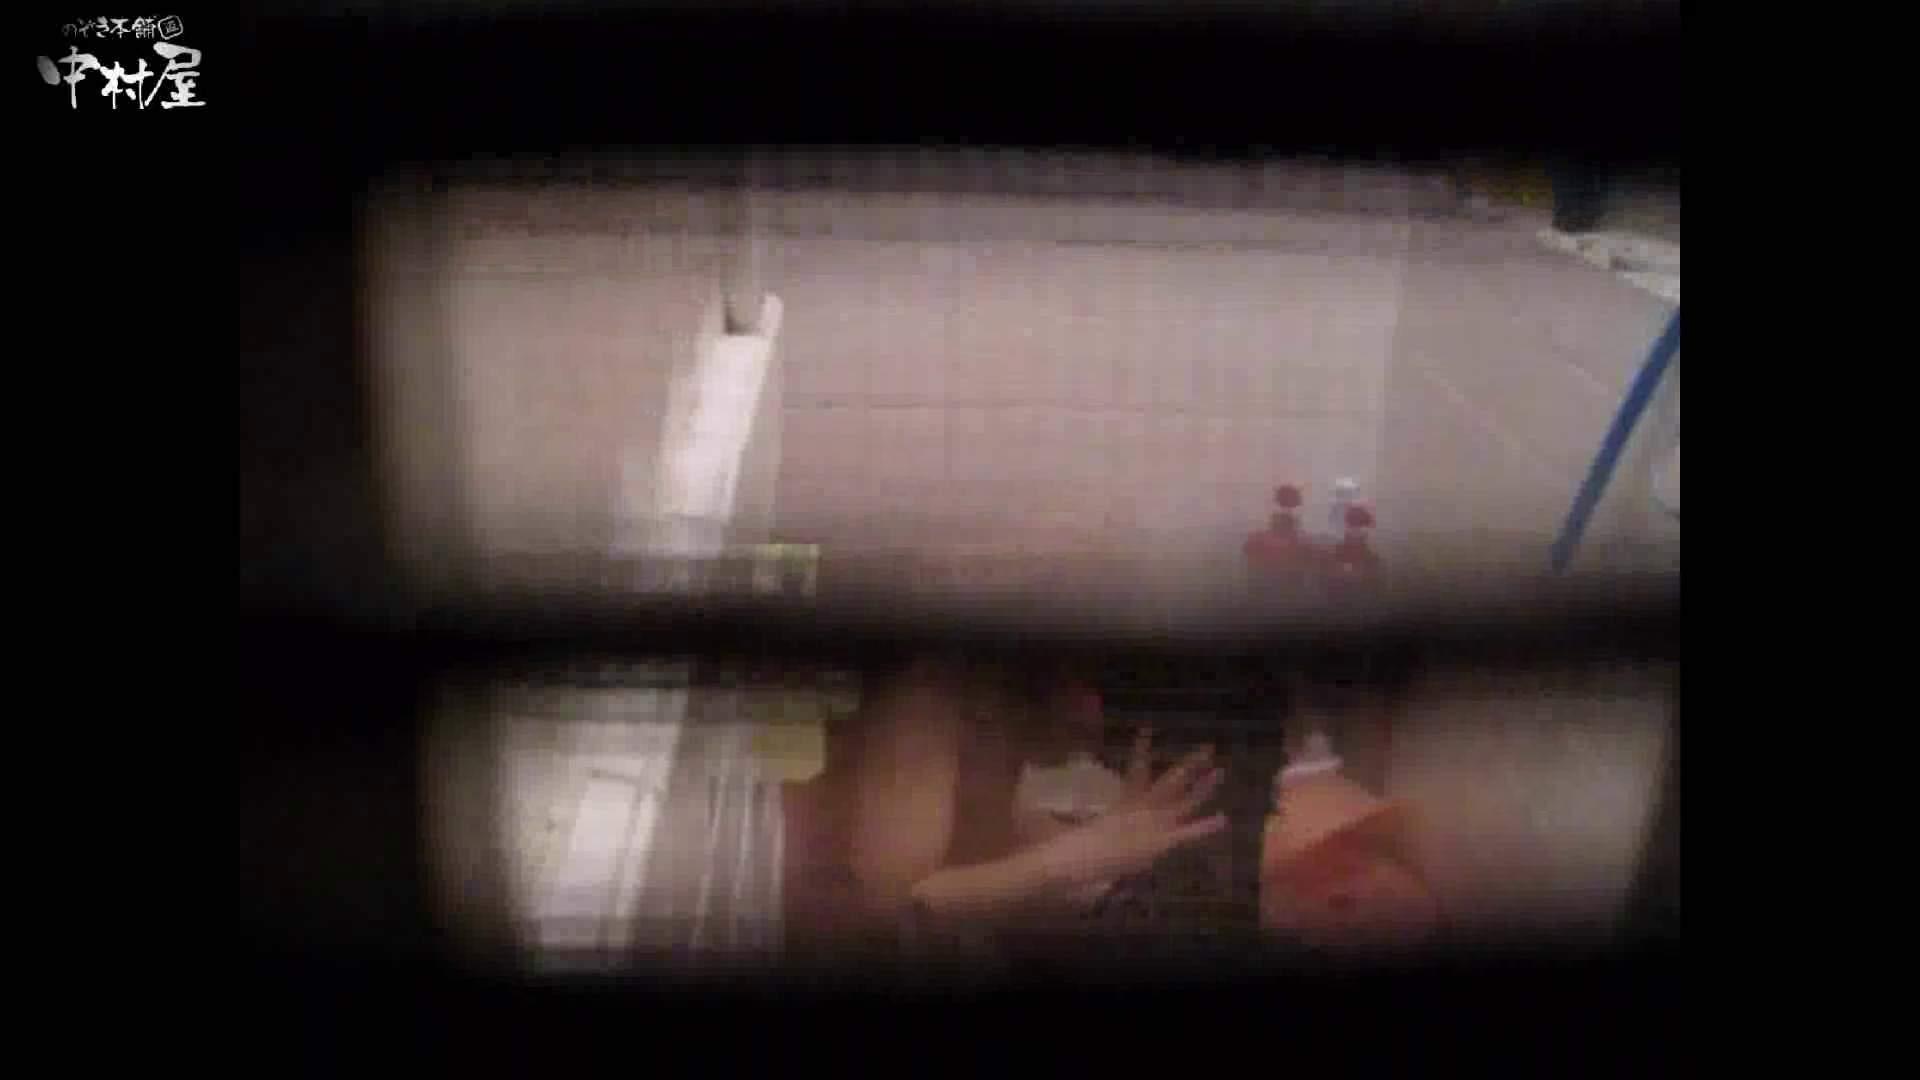 民家風呂専門盗撮師の超危険映像 vol.017 美少女ヌード  87画像 84